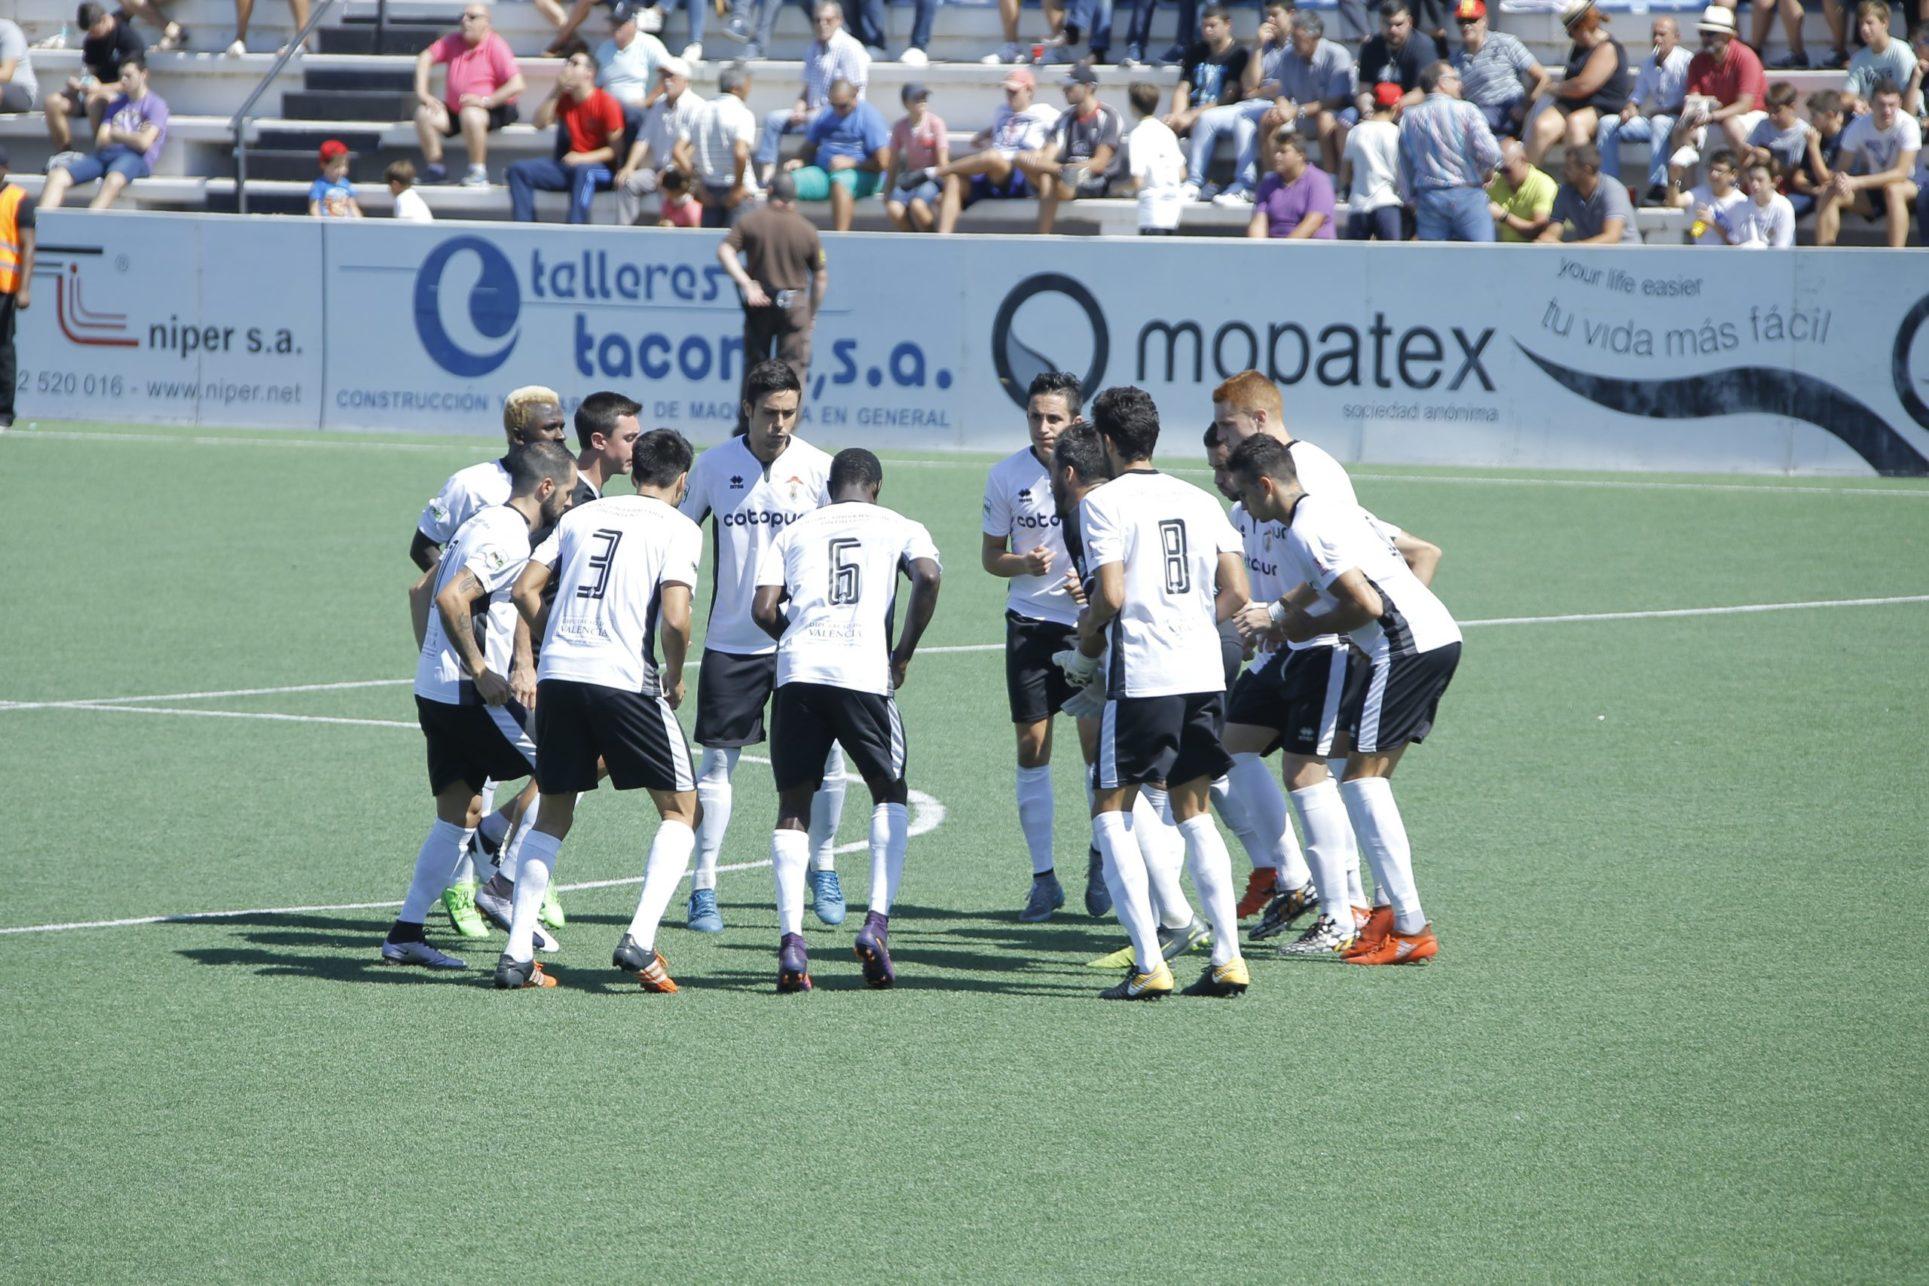 L'Ontinyent CF prepara el partit davant el Lleida El Periòdic d'Ontinyent